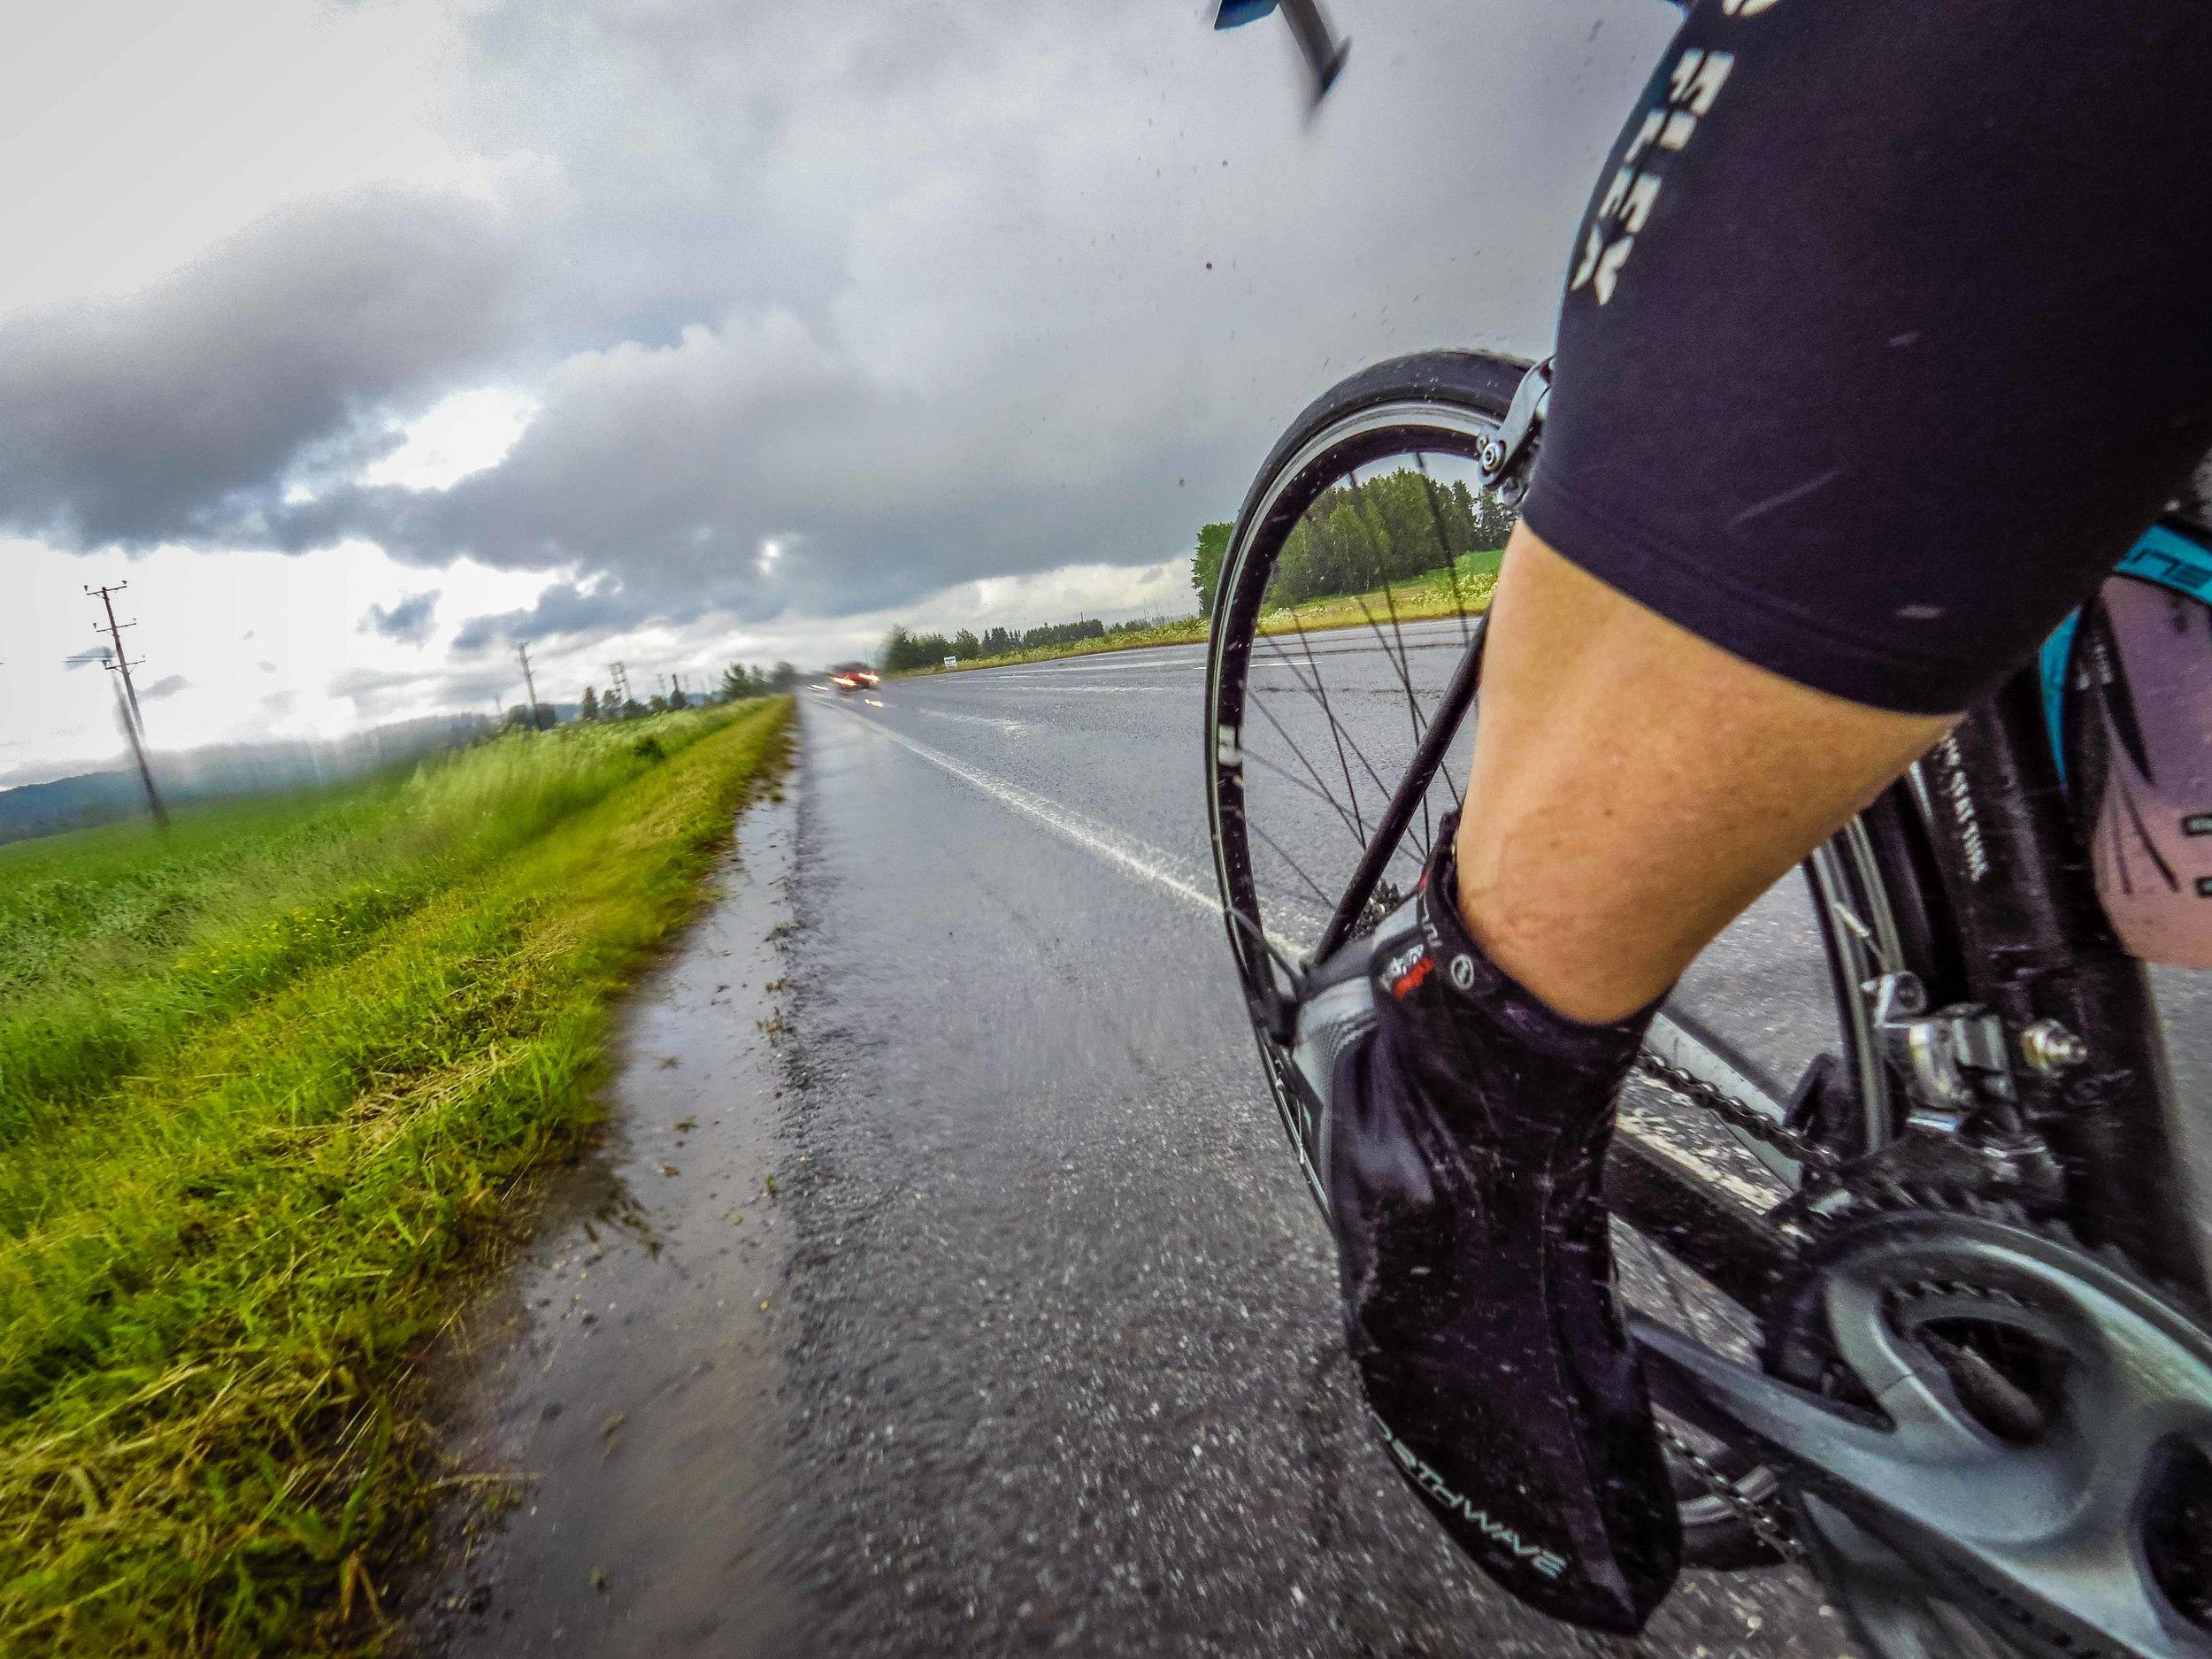 Midsummer riding in heavy rain